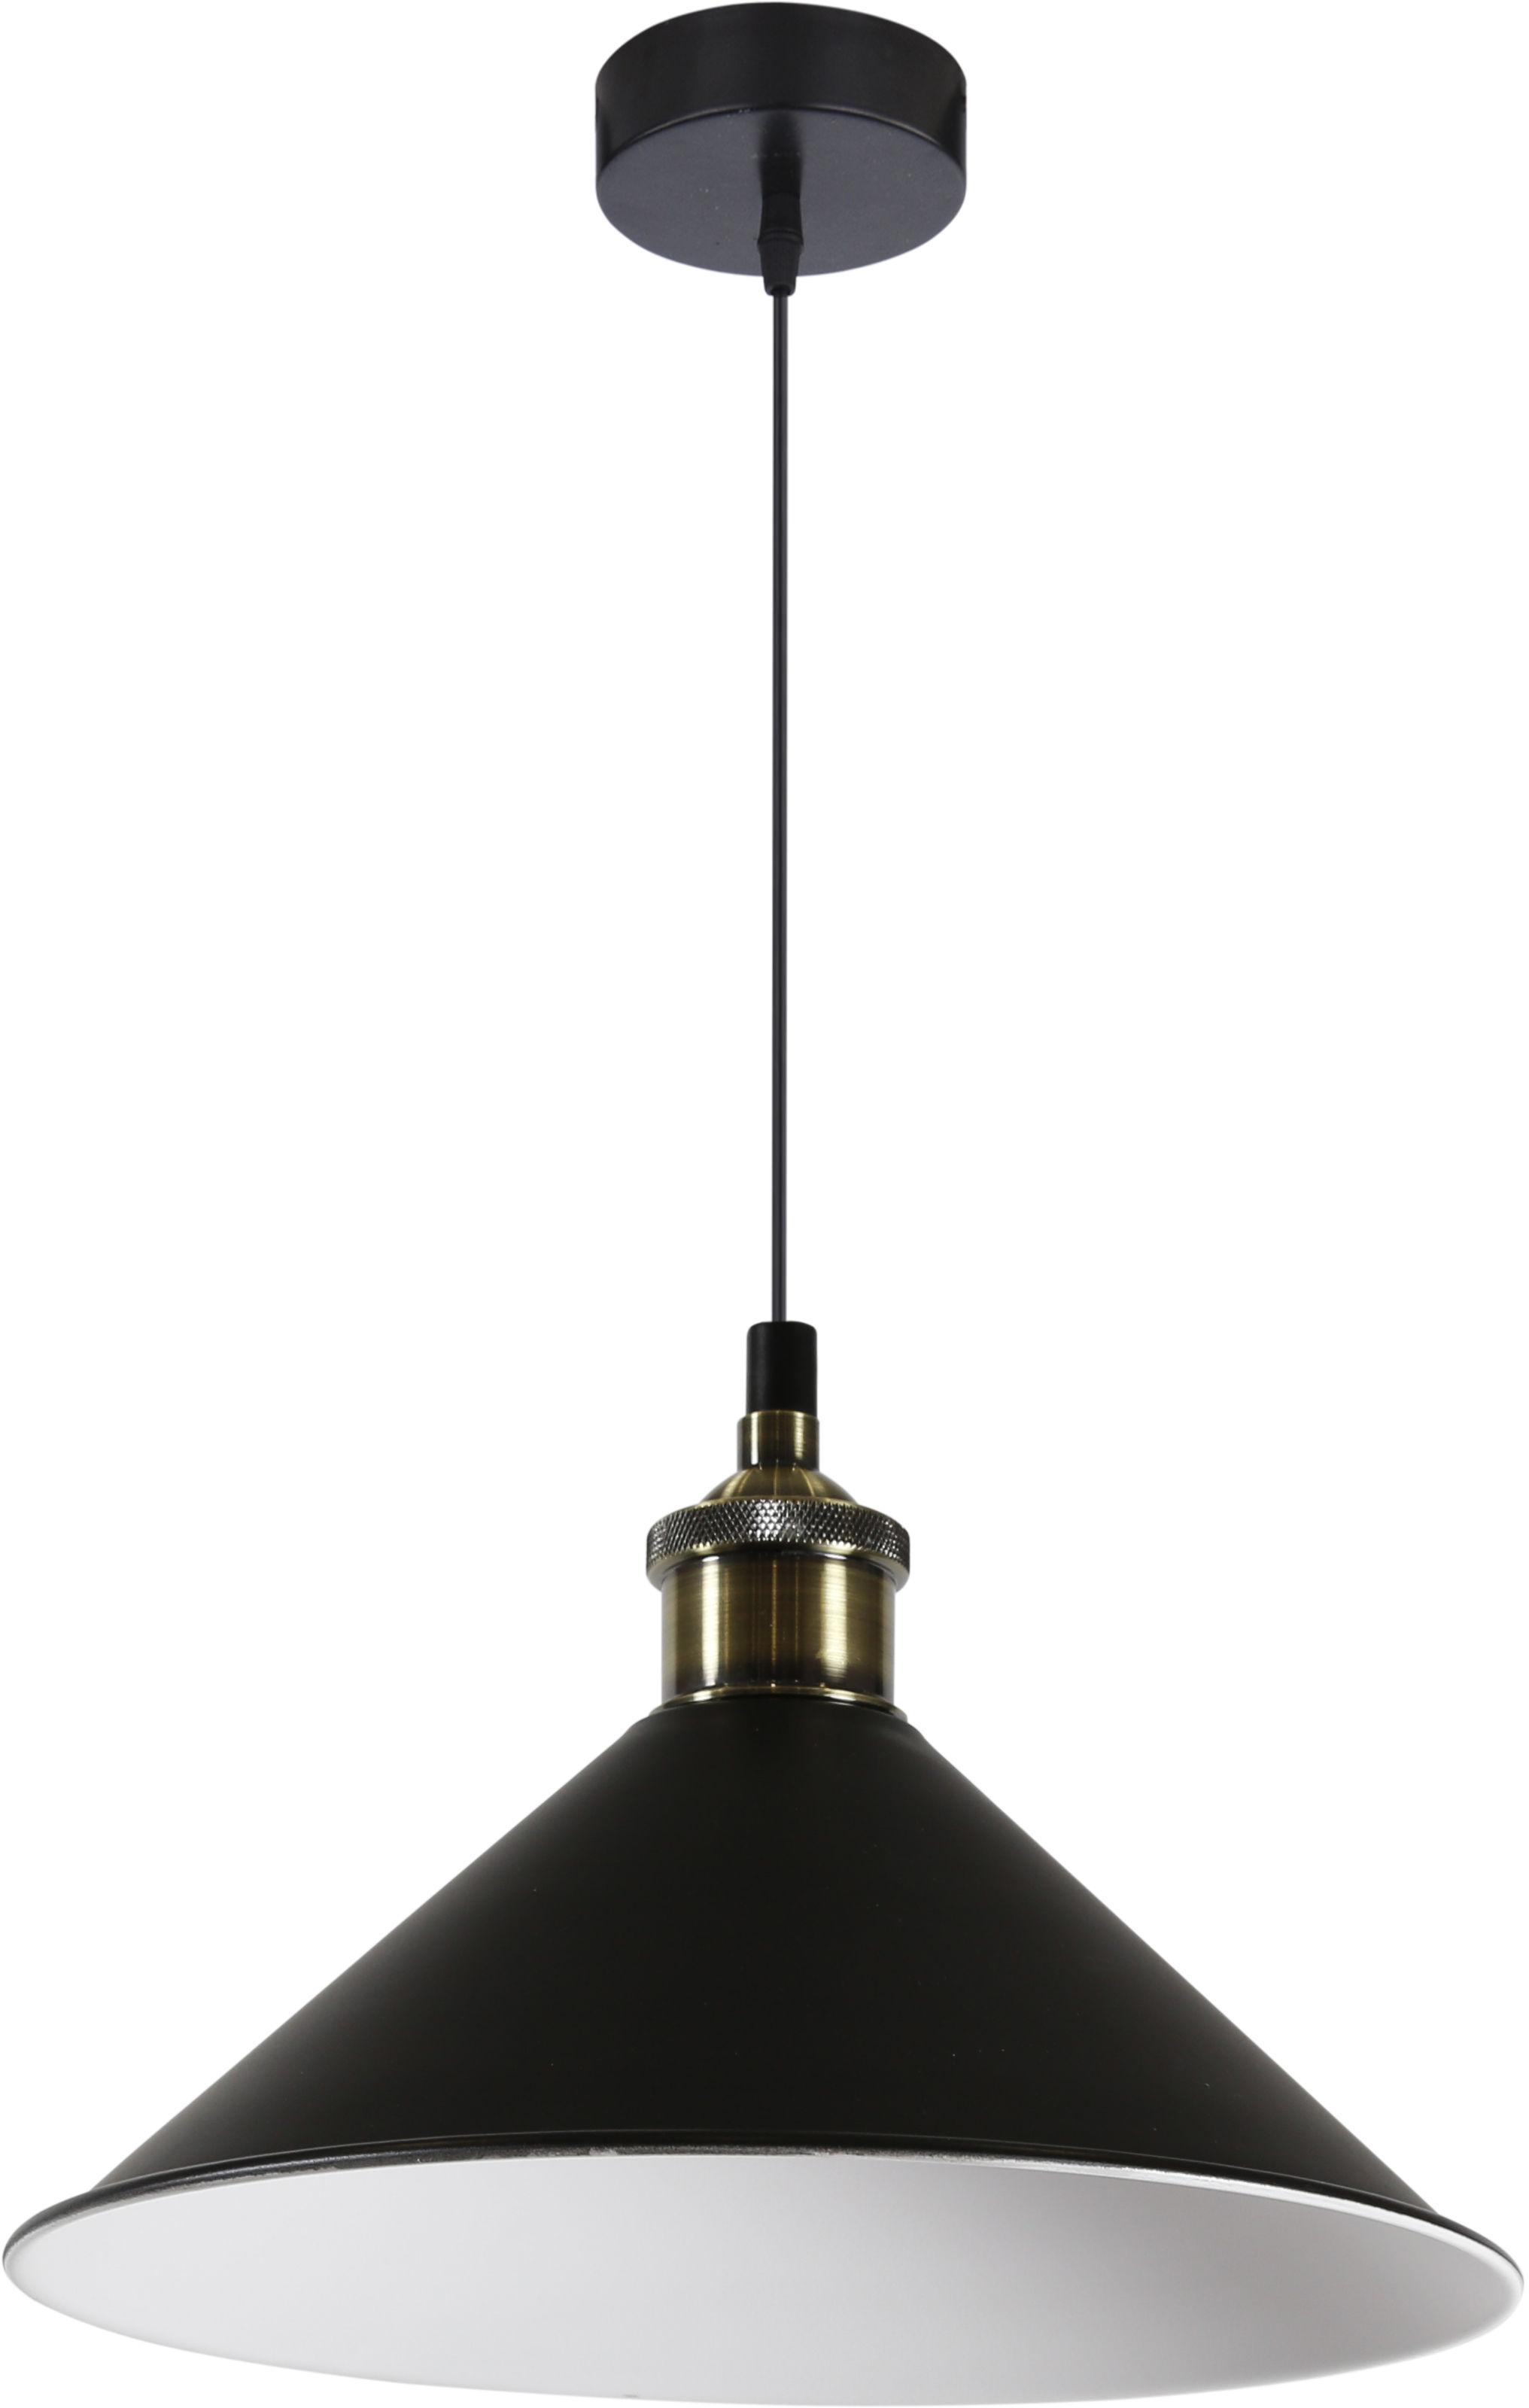 Candellux VELO 31-56313 lampa wisząca 1X60W E27 klosz metalowy czarny 26 cm